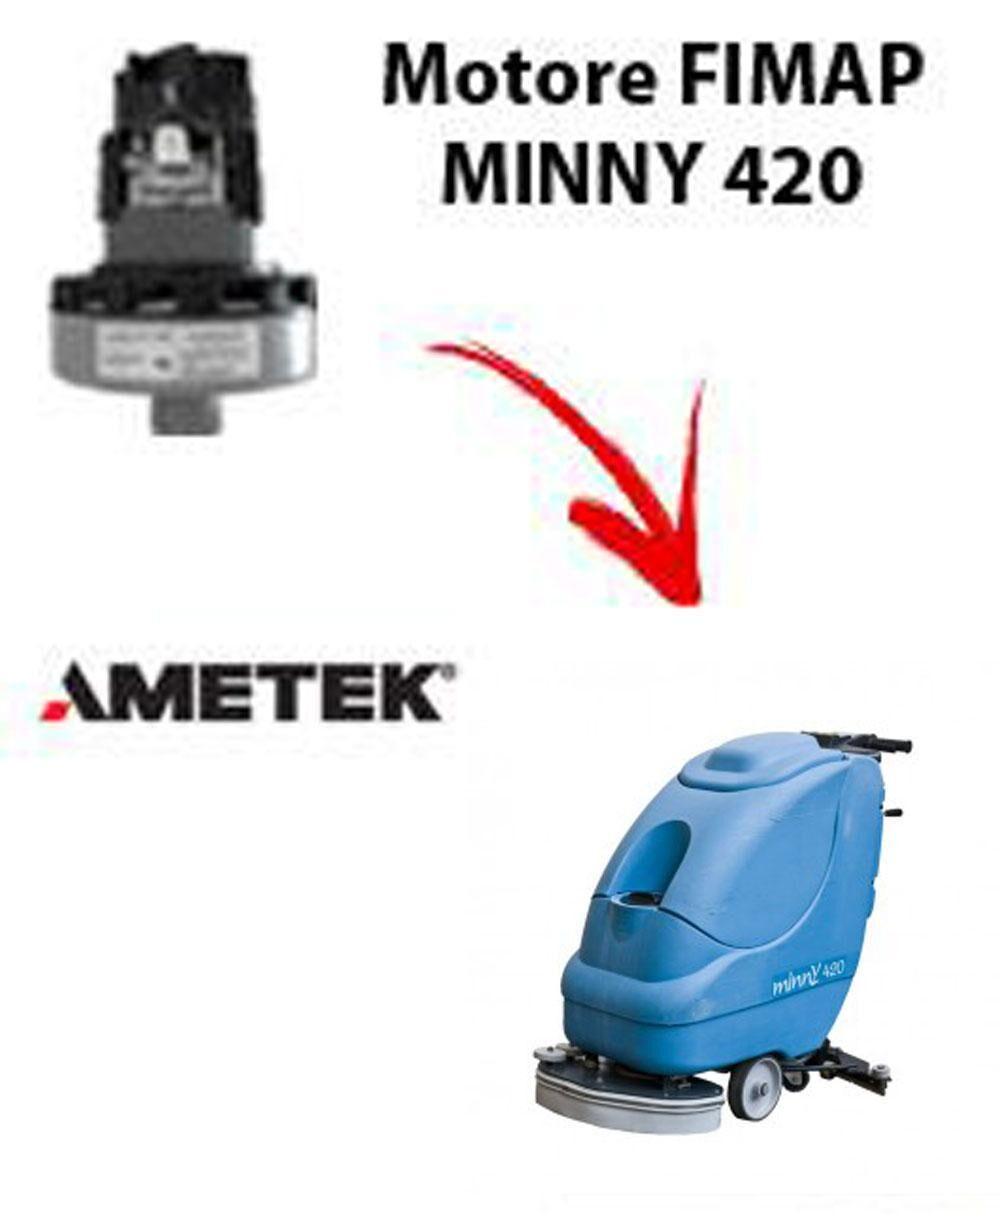 Fimap Motore Ametek di aspirazione per lavapavimenti MINNY 420